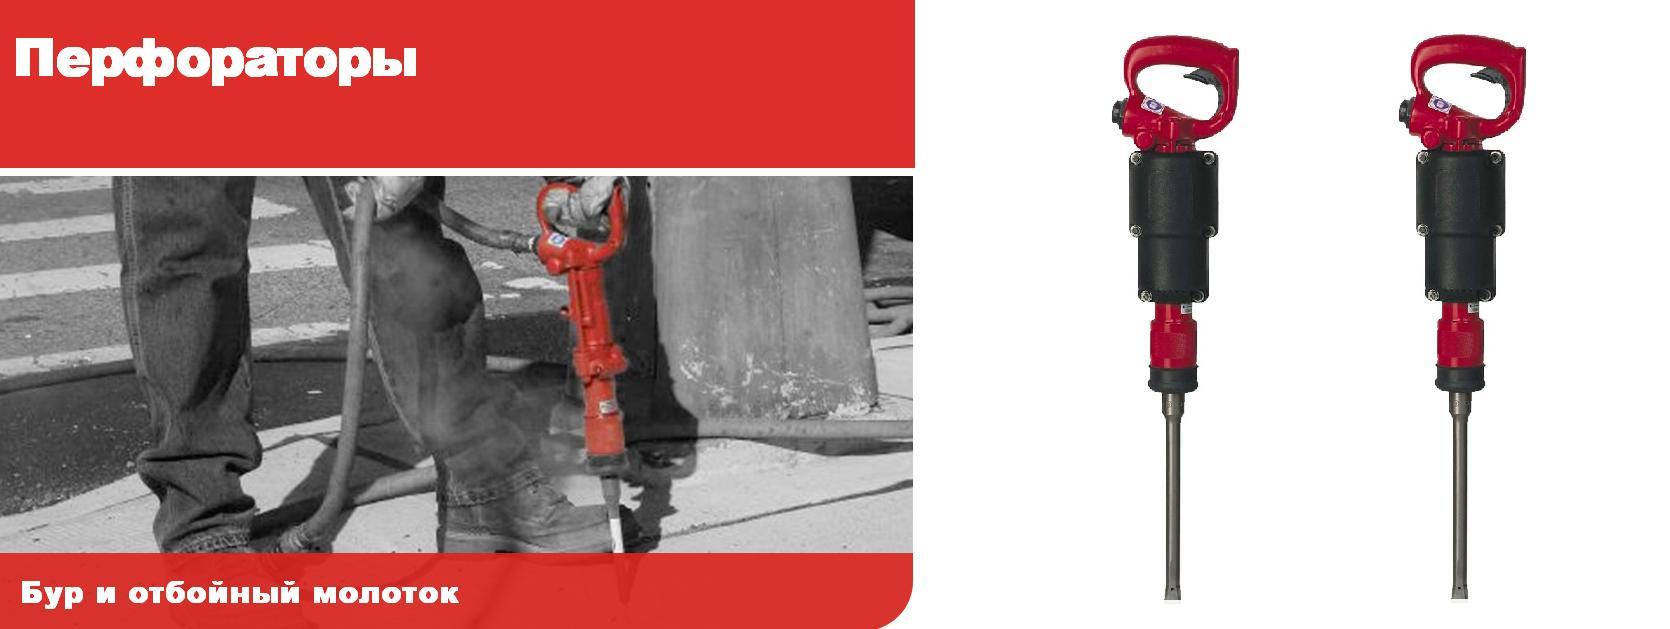 Применение пневматических строительных перфораторов